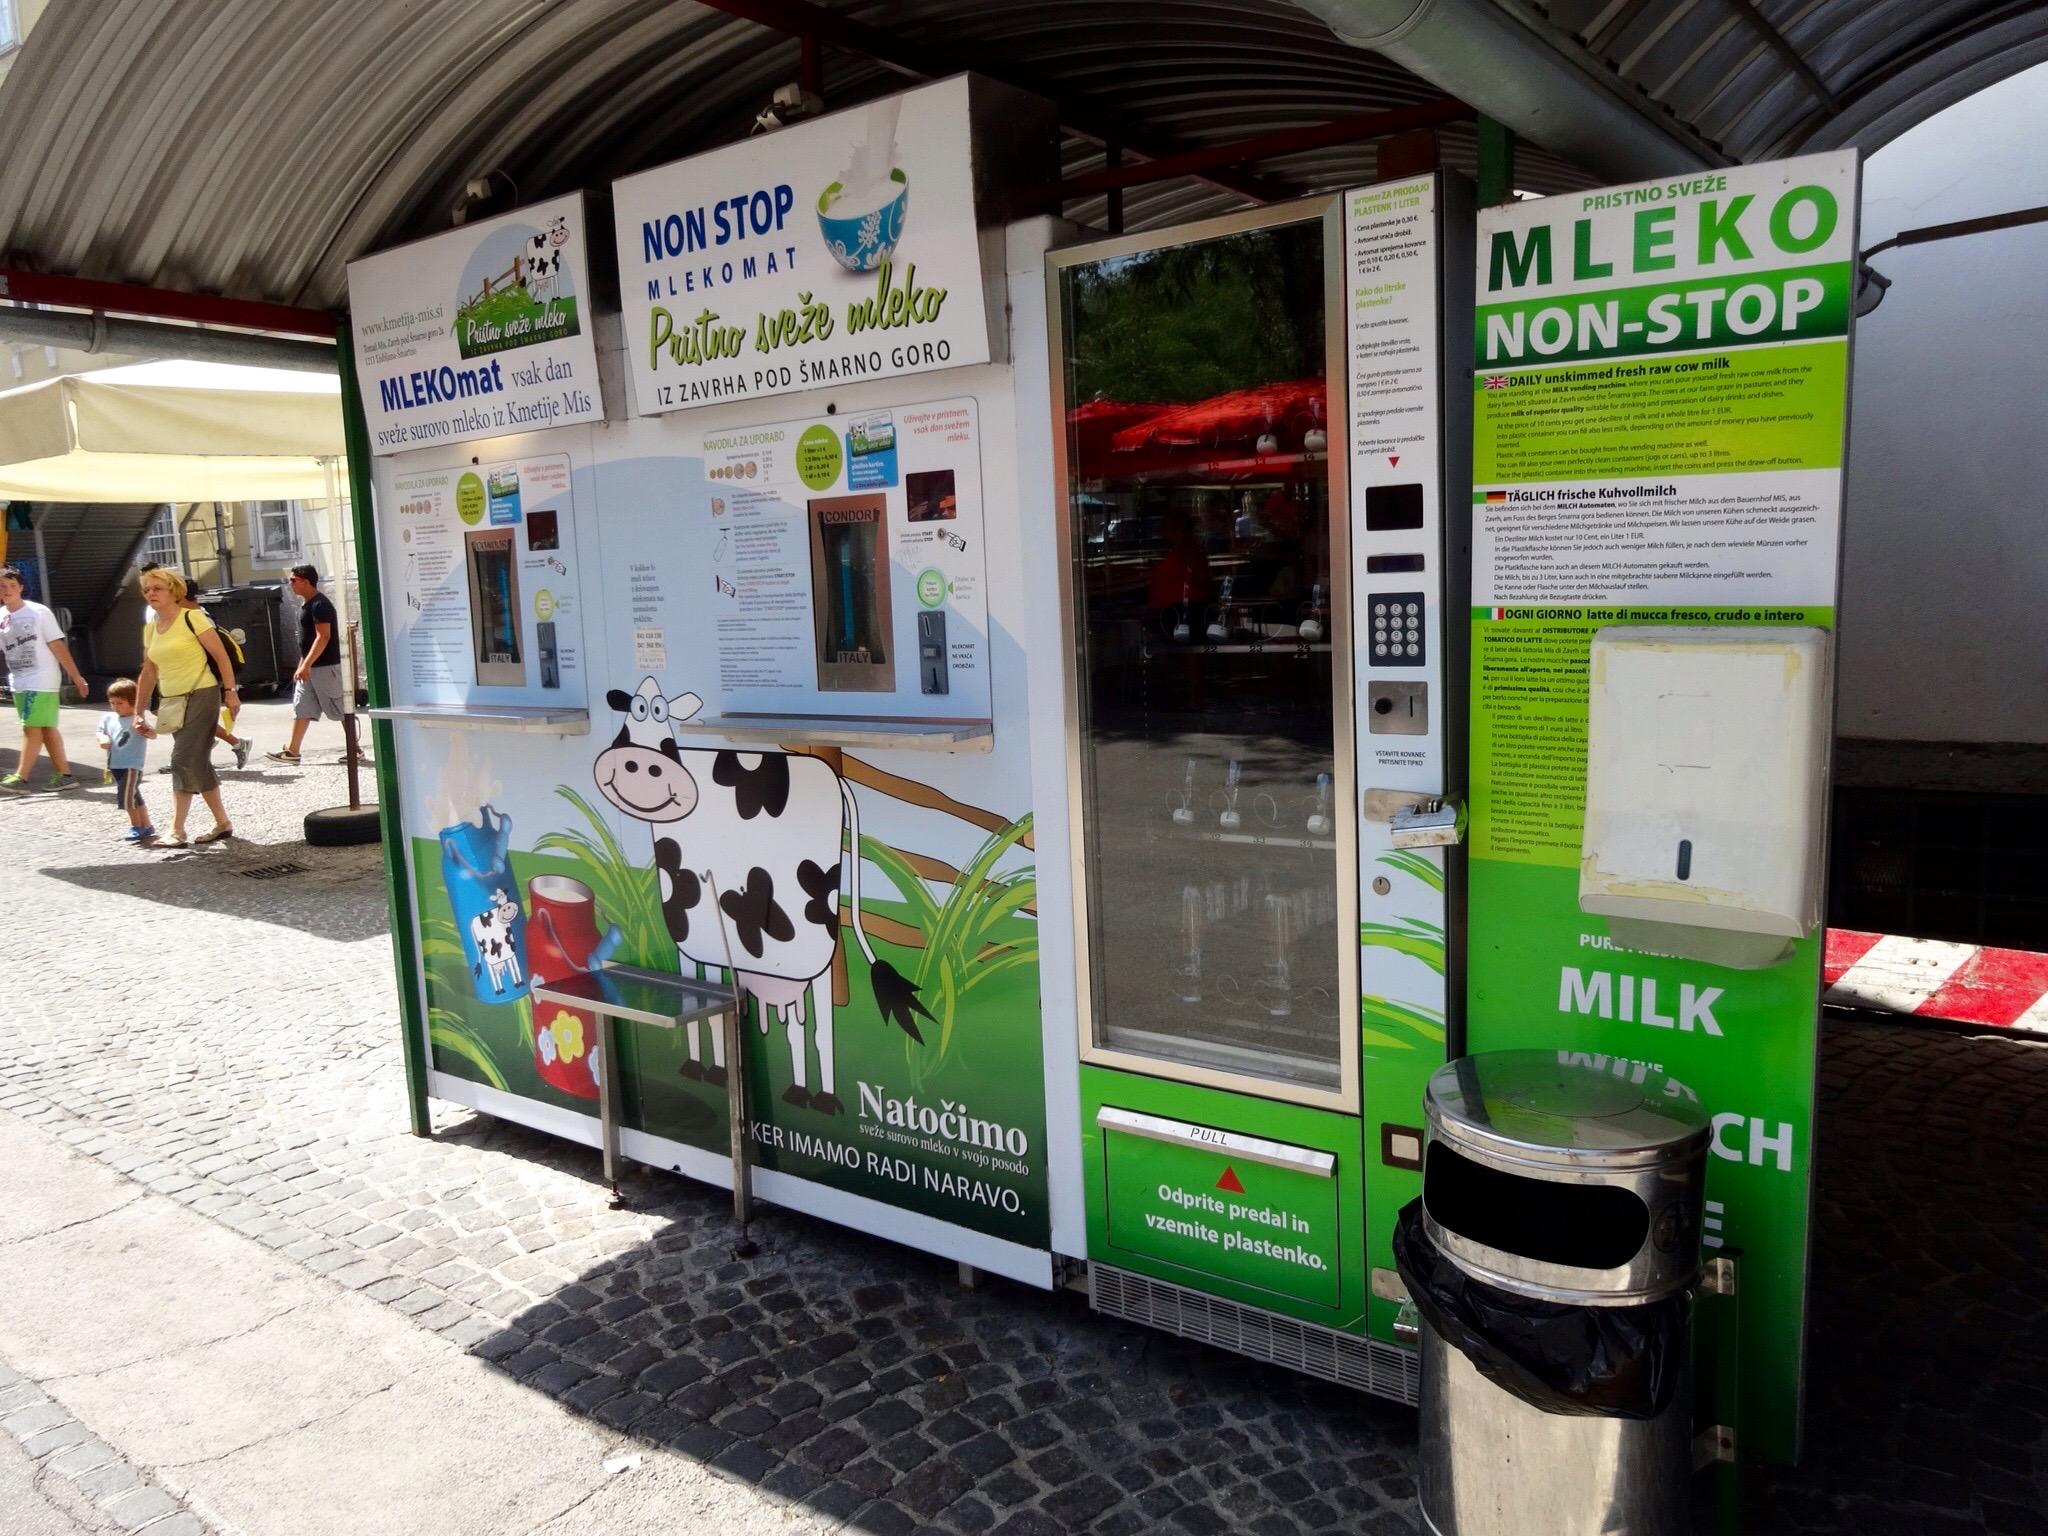 Mlekomat Milk Vending Machine in Ljubljana